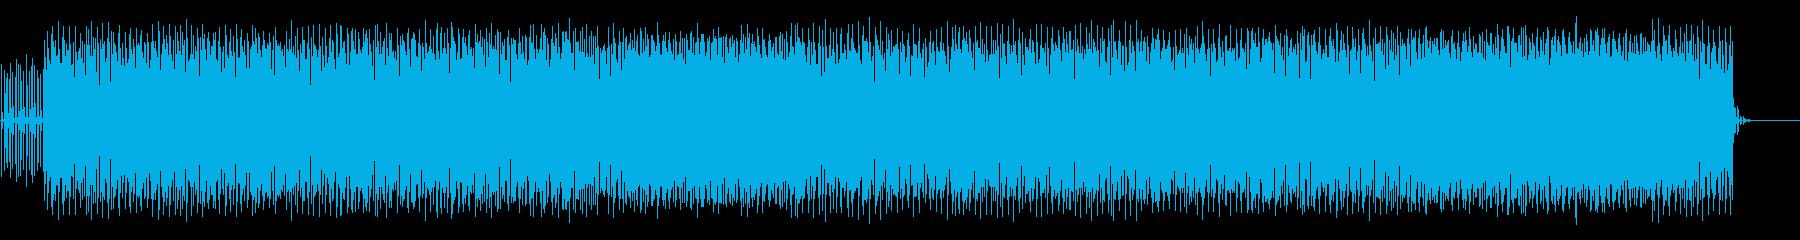 ステディなダンスビートのテクノの再生済みの波形